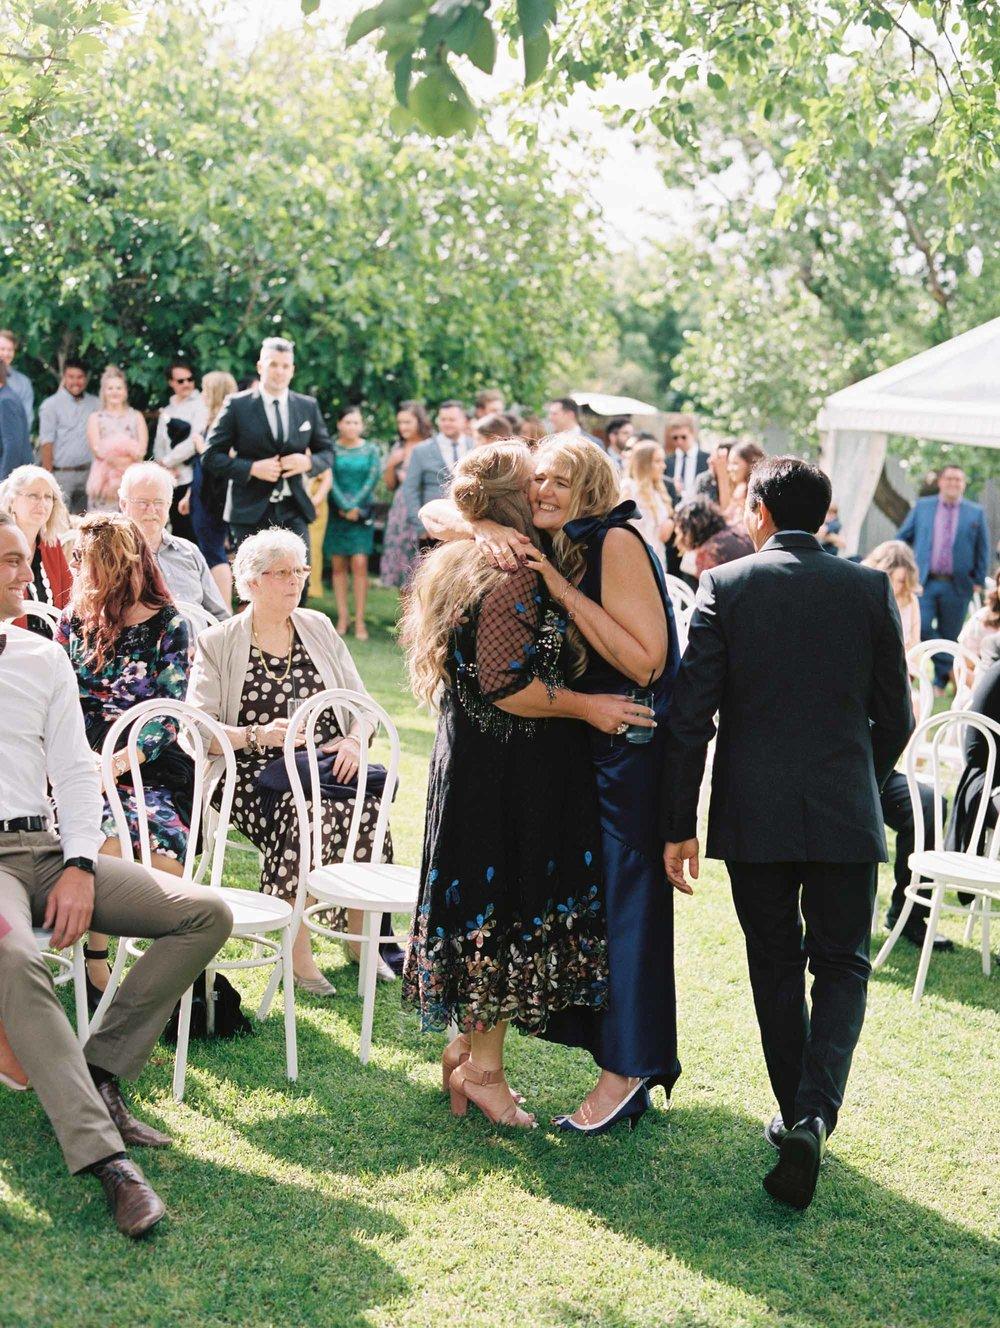 Whitehouse-hahndorf-wedding-photography-038.jpg